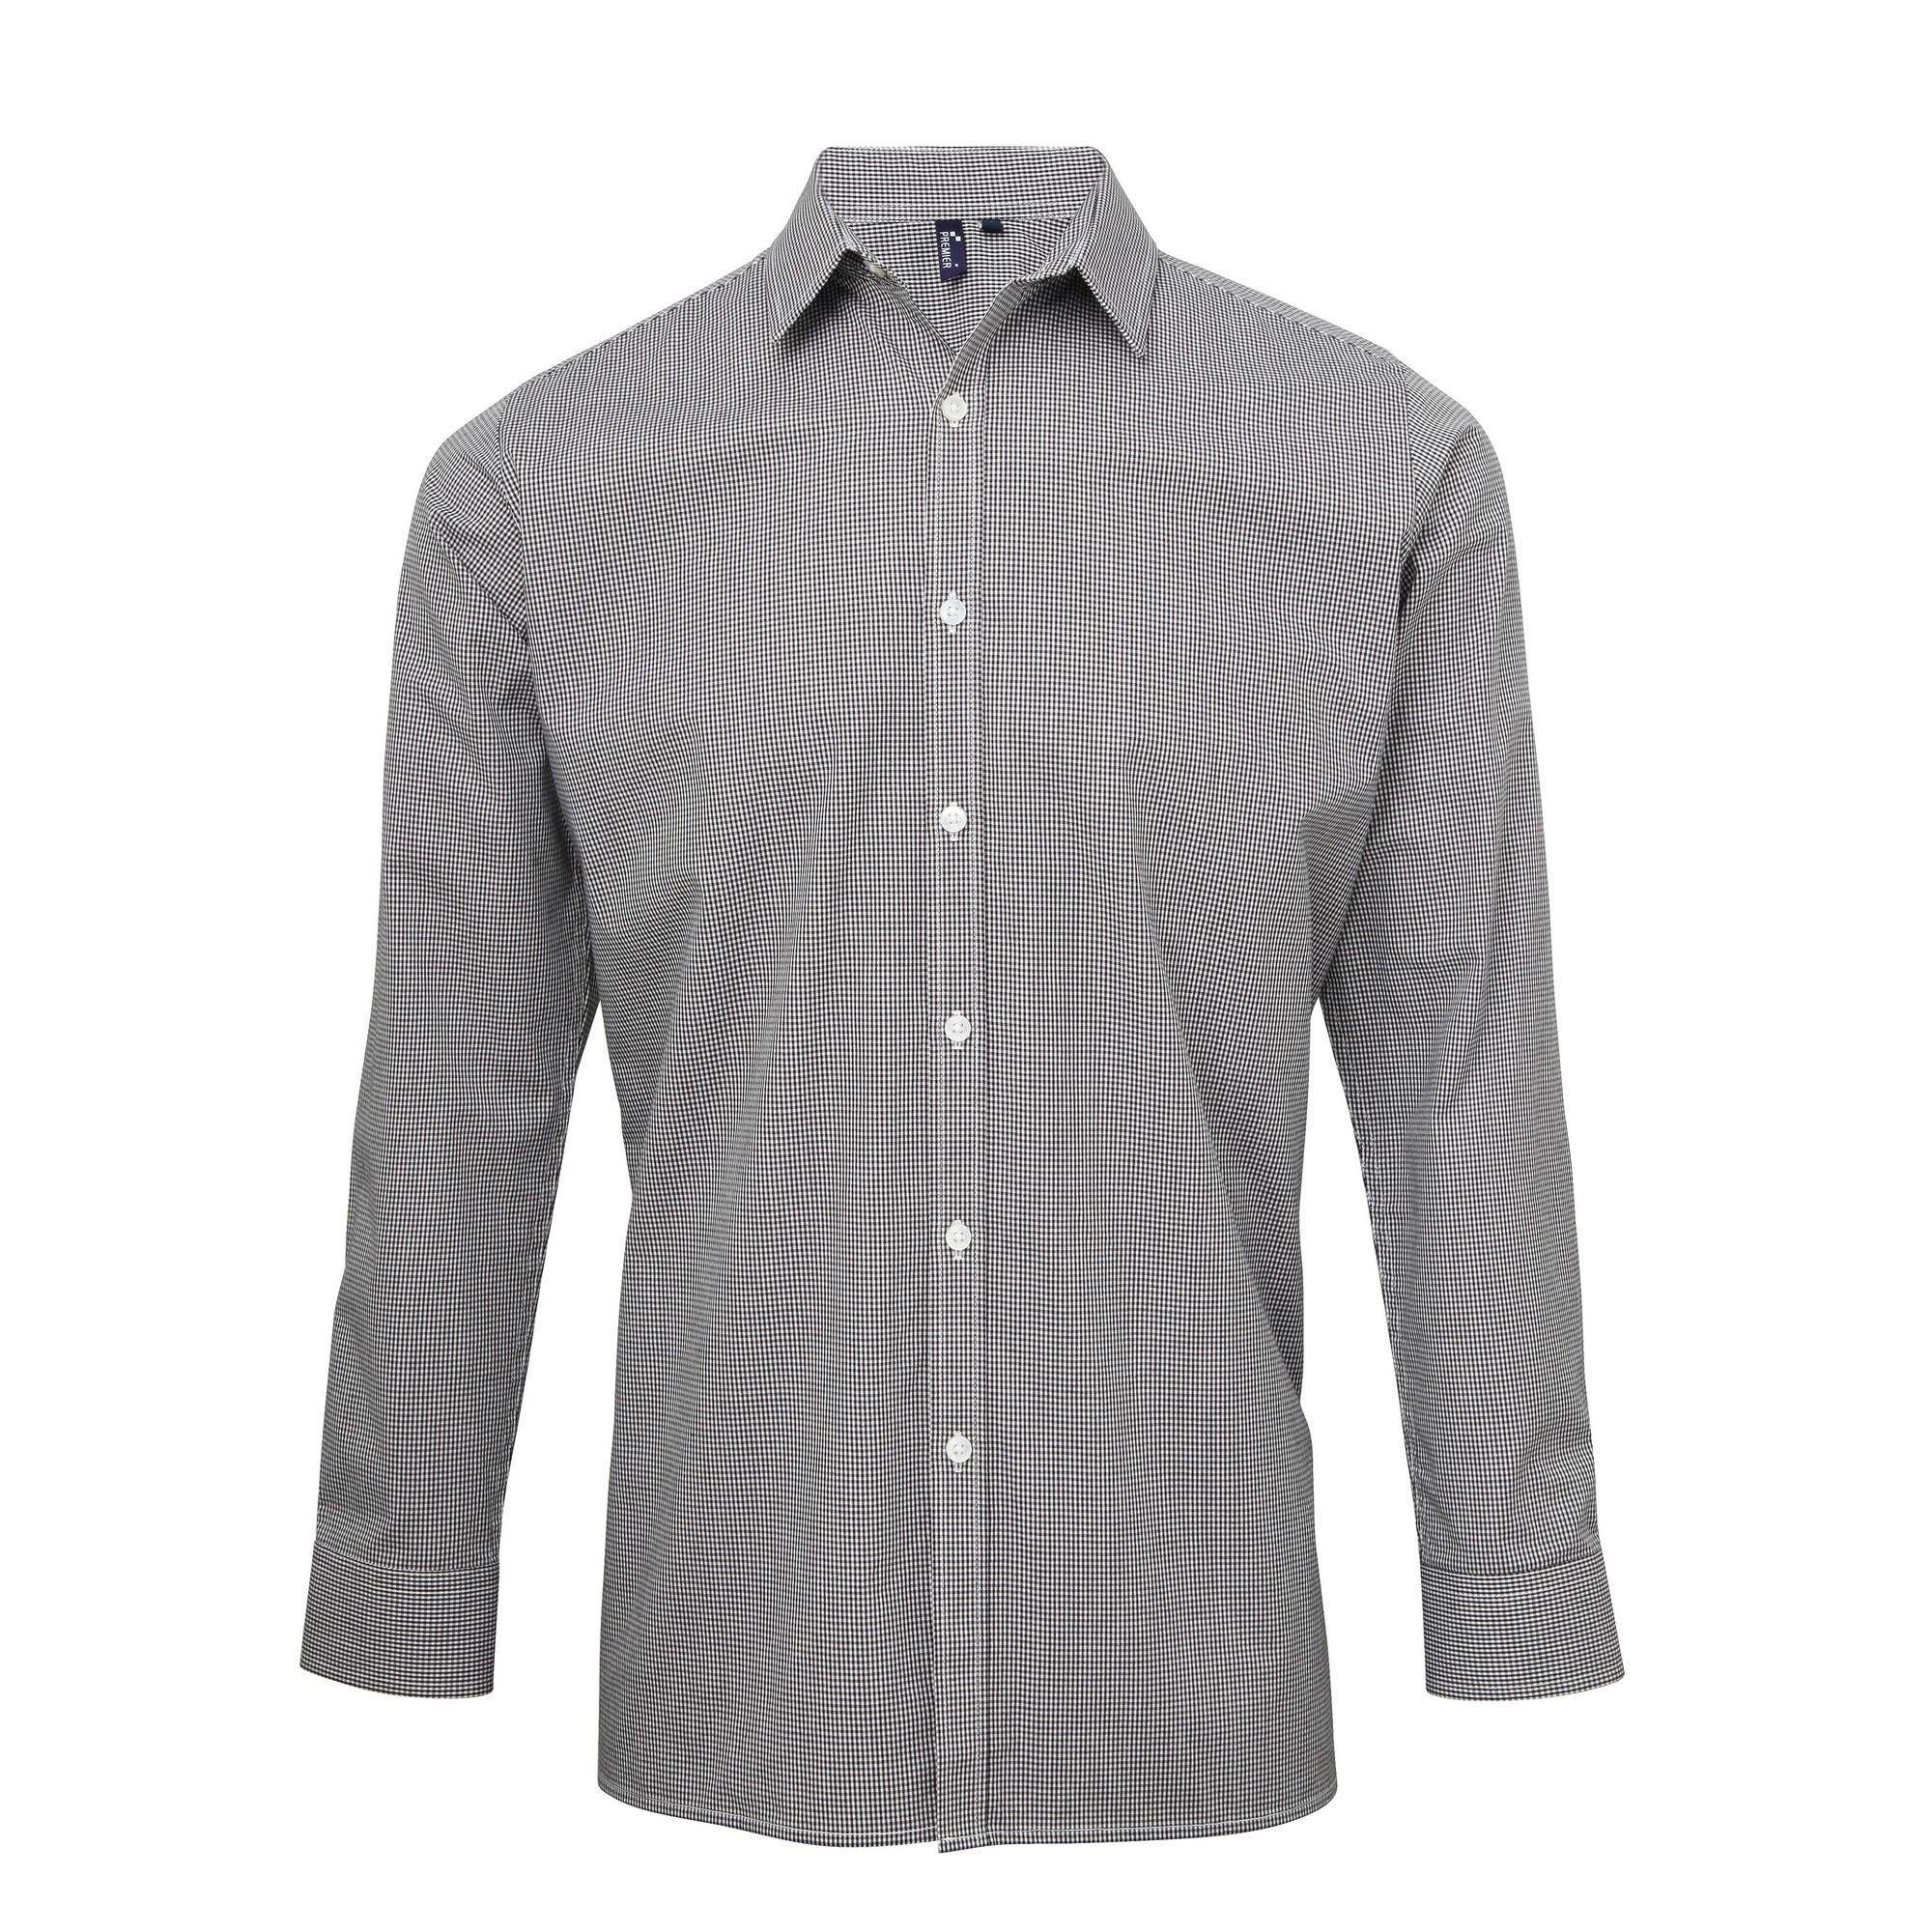 Premier Mens Microcheck Long Sleeve Shirt (L) (Black/White)